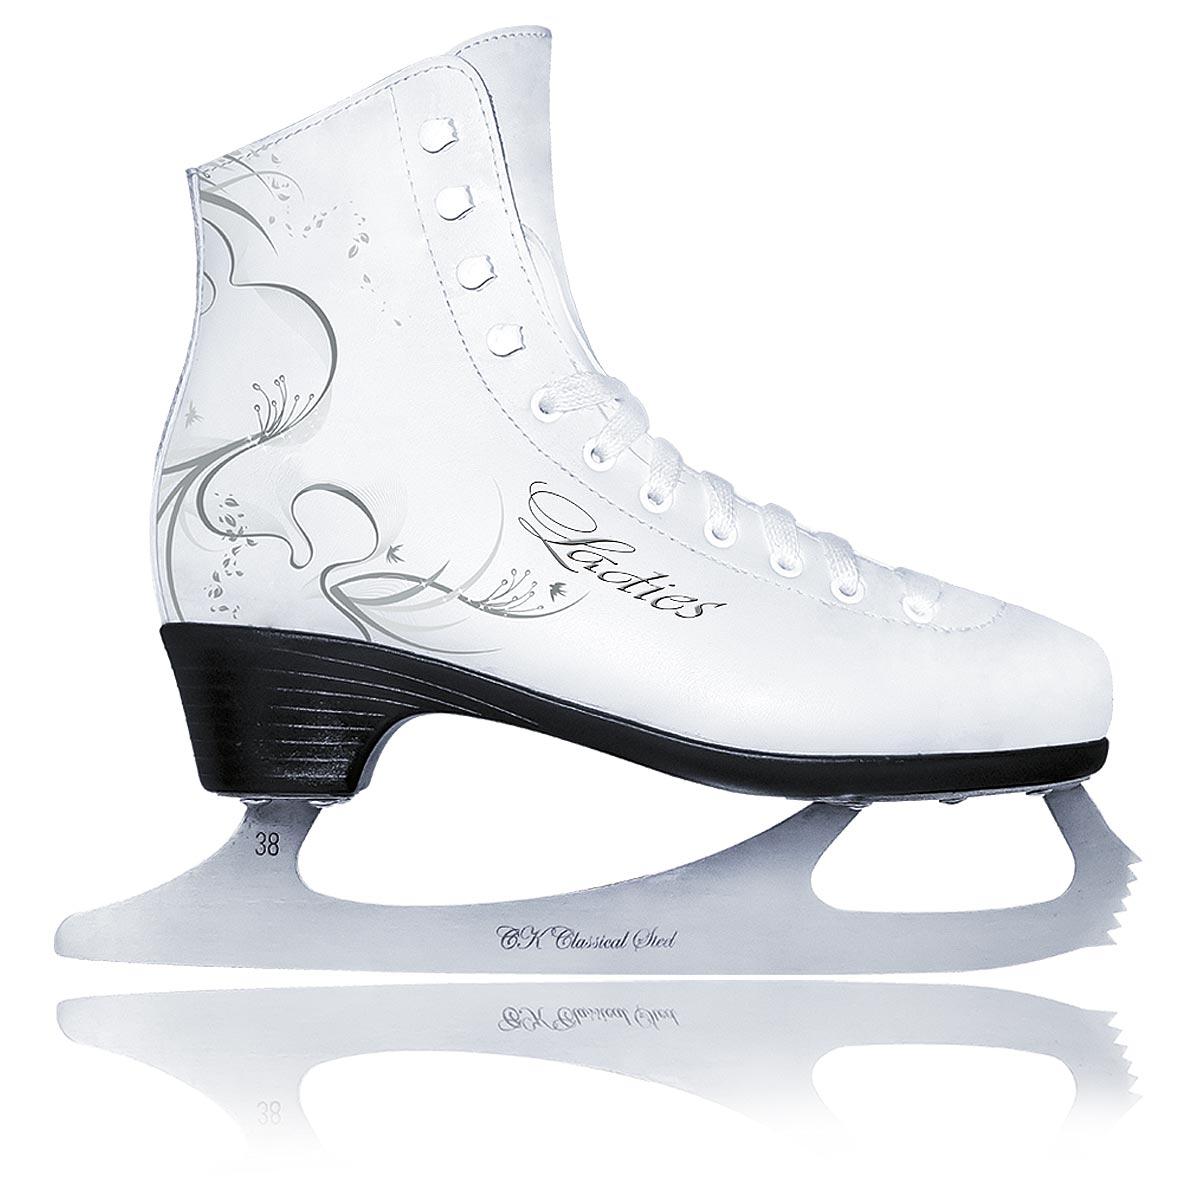 Коньки фигурные для девочки СК Ladies Lux Leather, цвет: белый. Размер 36LADIES LUX leather_белый_36